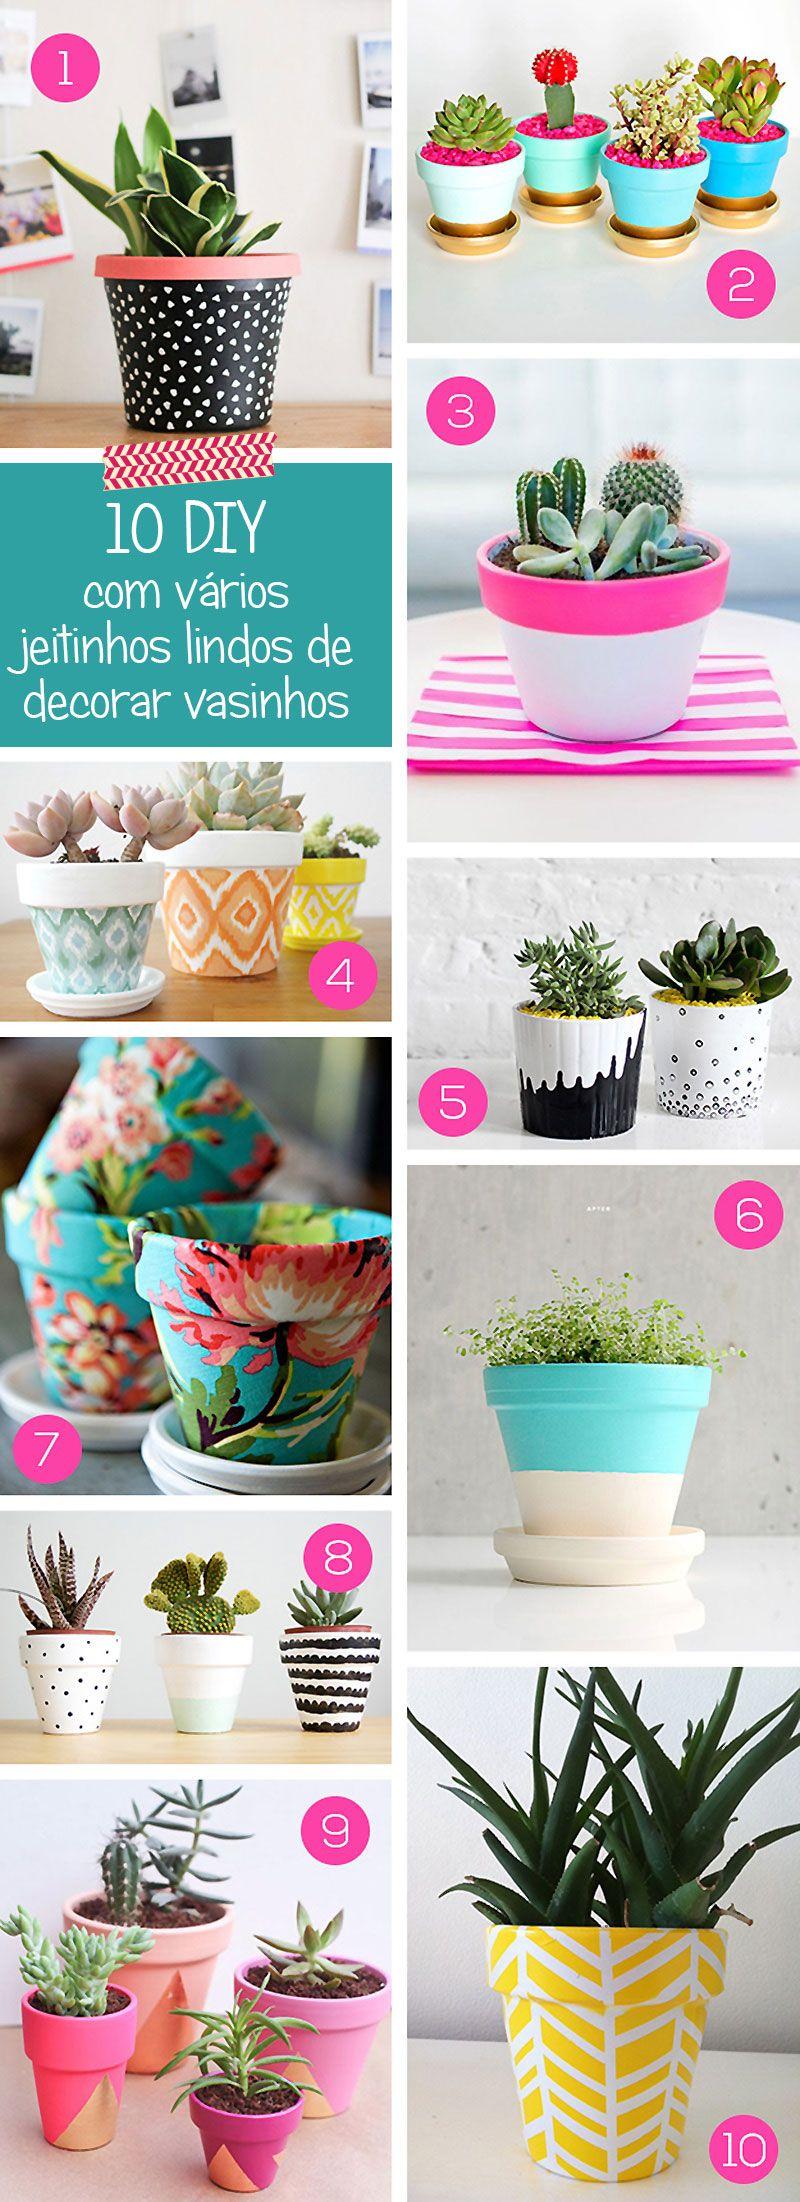 Faça você mesmo #5: projeto de DIY com Jeitinhos Diferentes Para Decorar Vasinhos